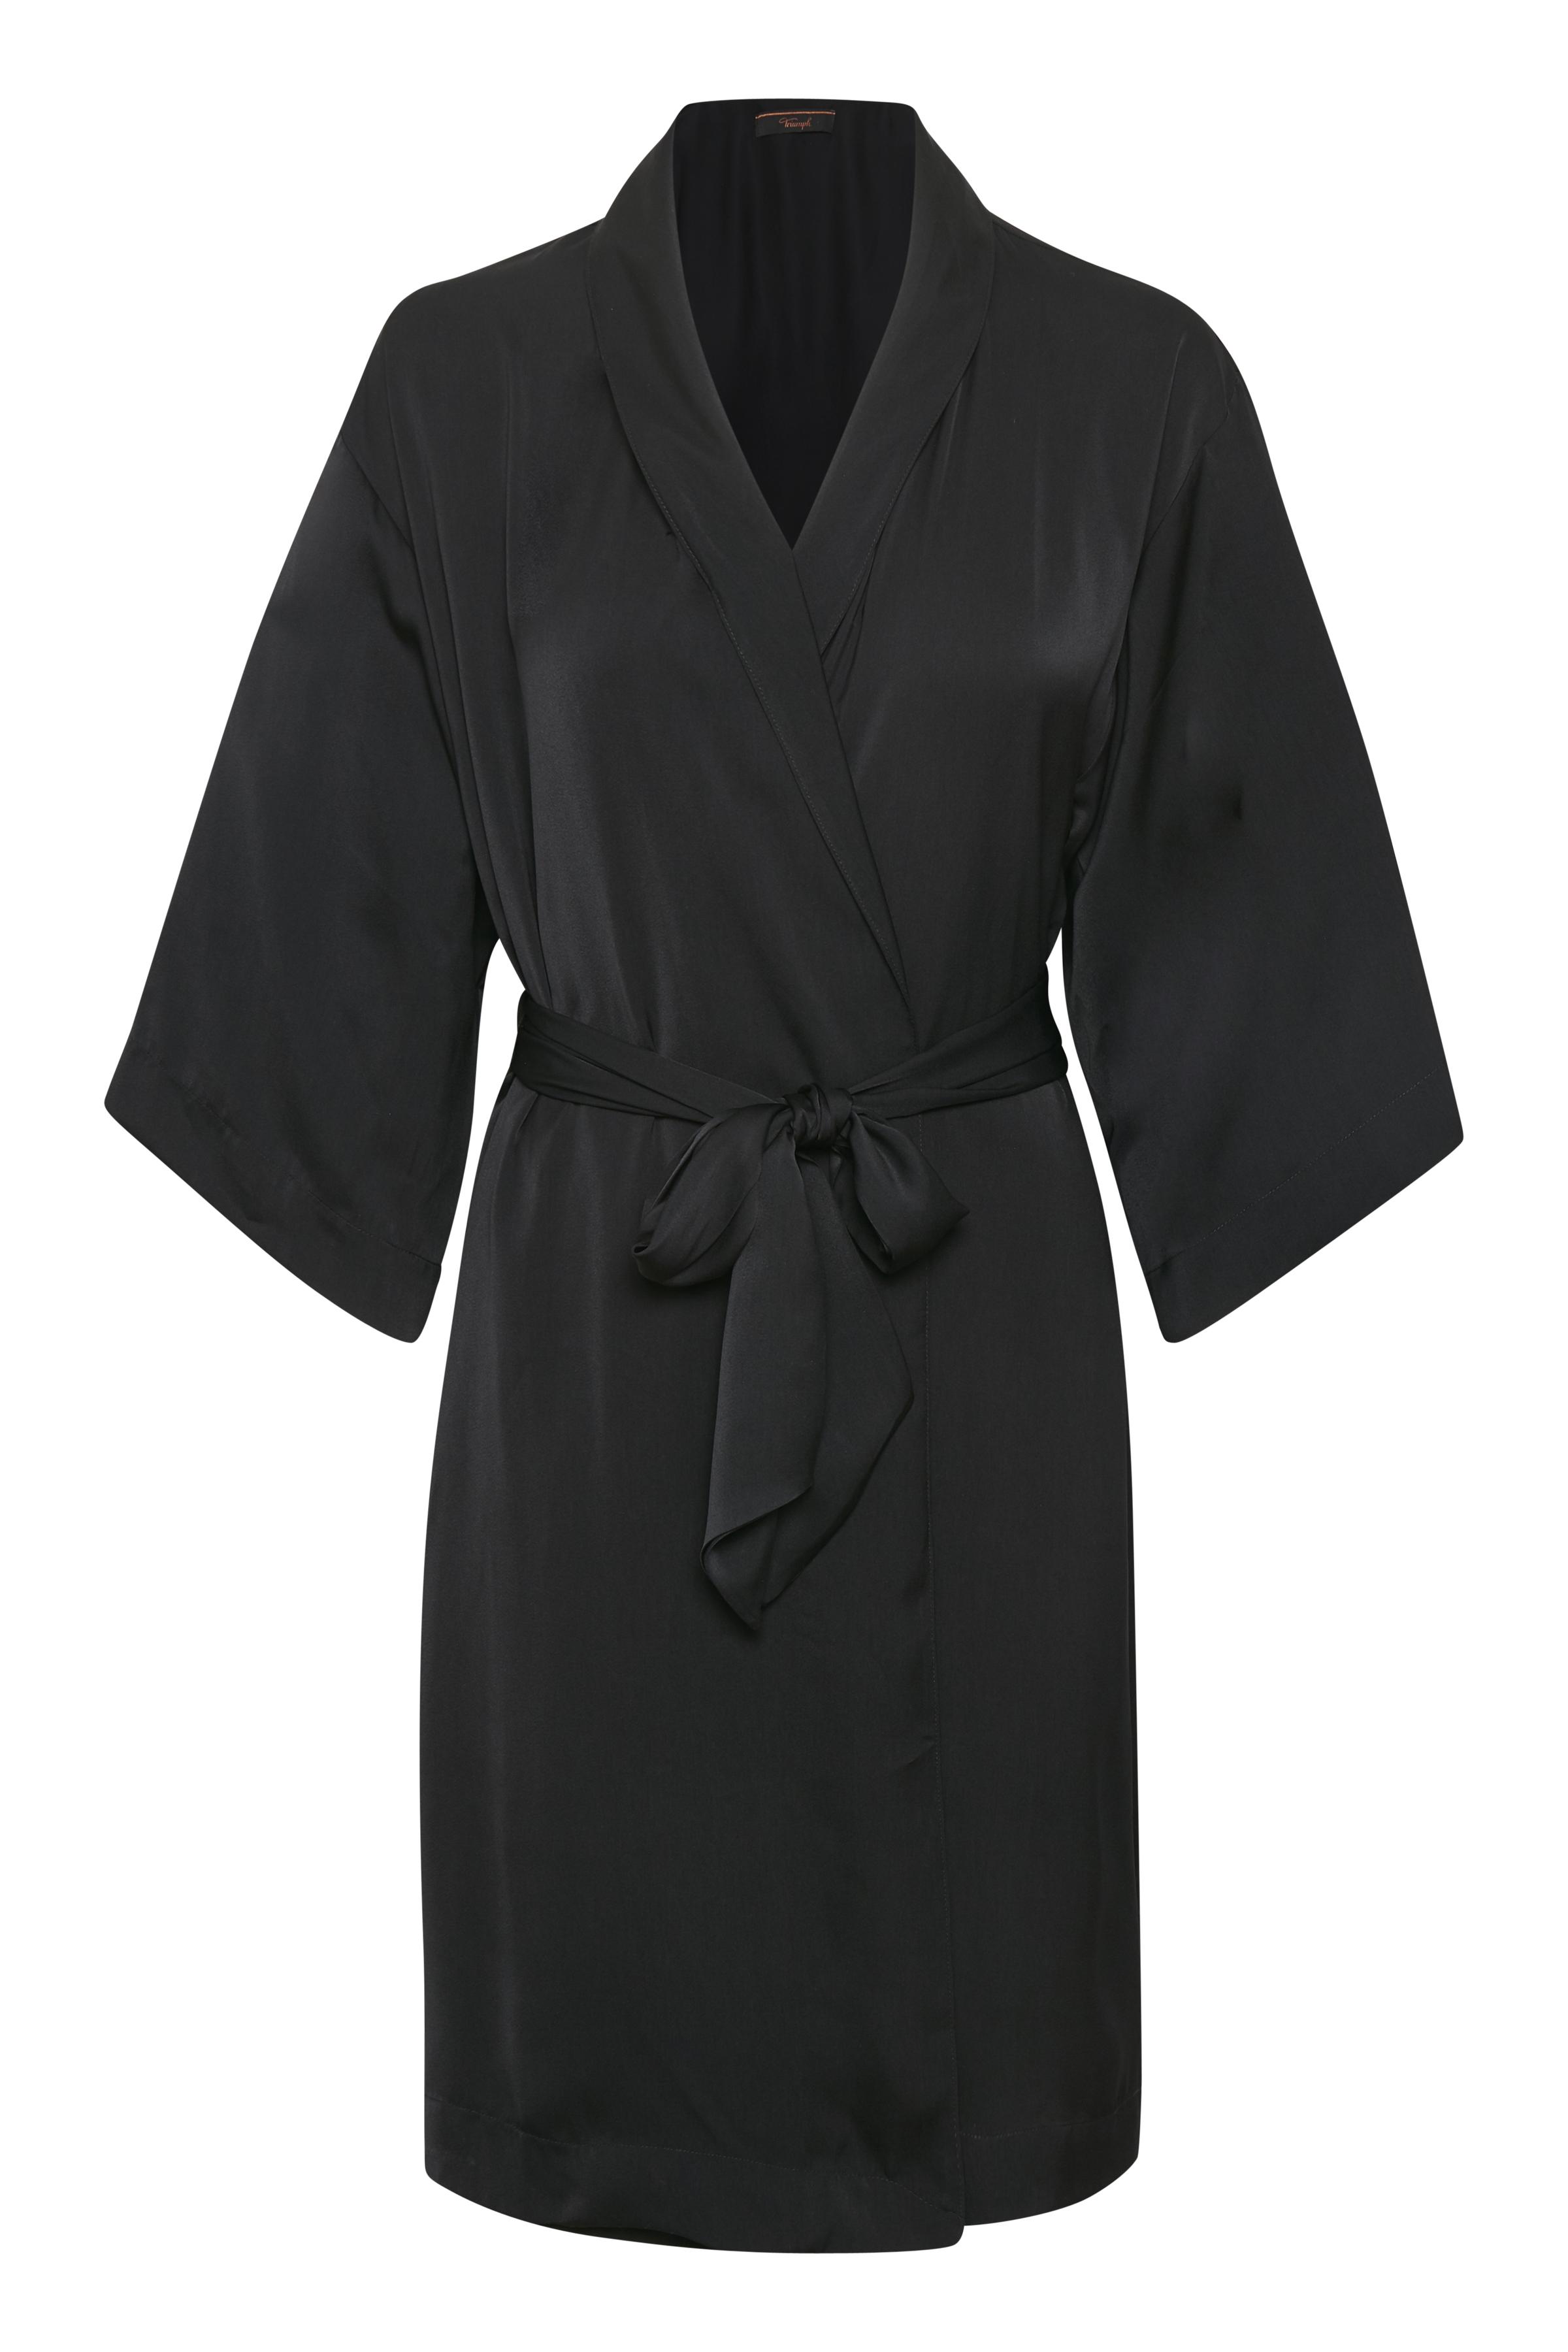 Svart Nattkläder från Triumph – Köp Svart Nattkläder från stl. 36-44 här